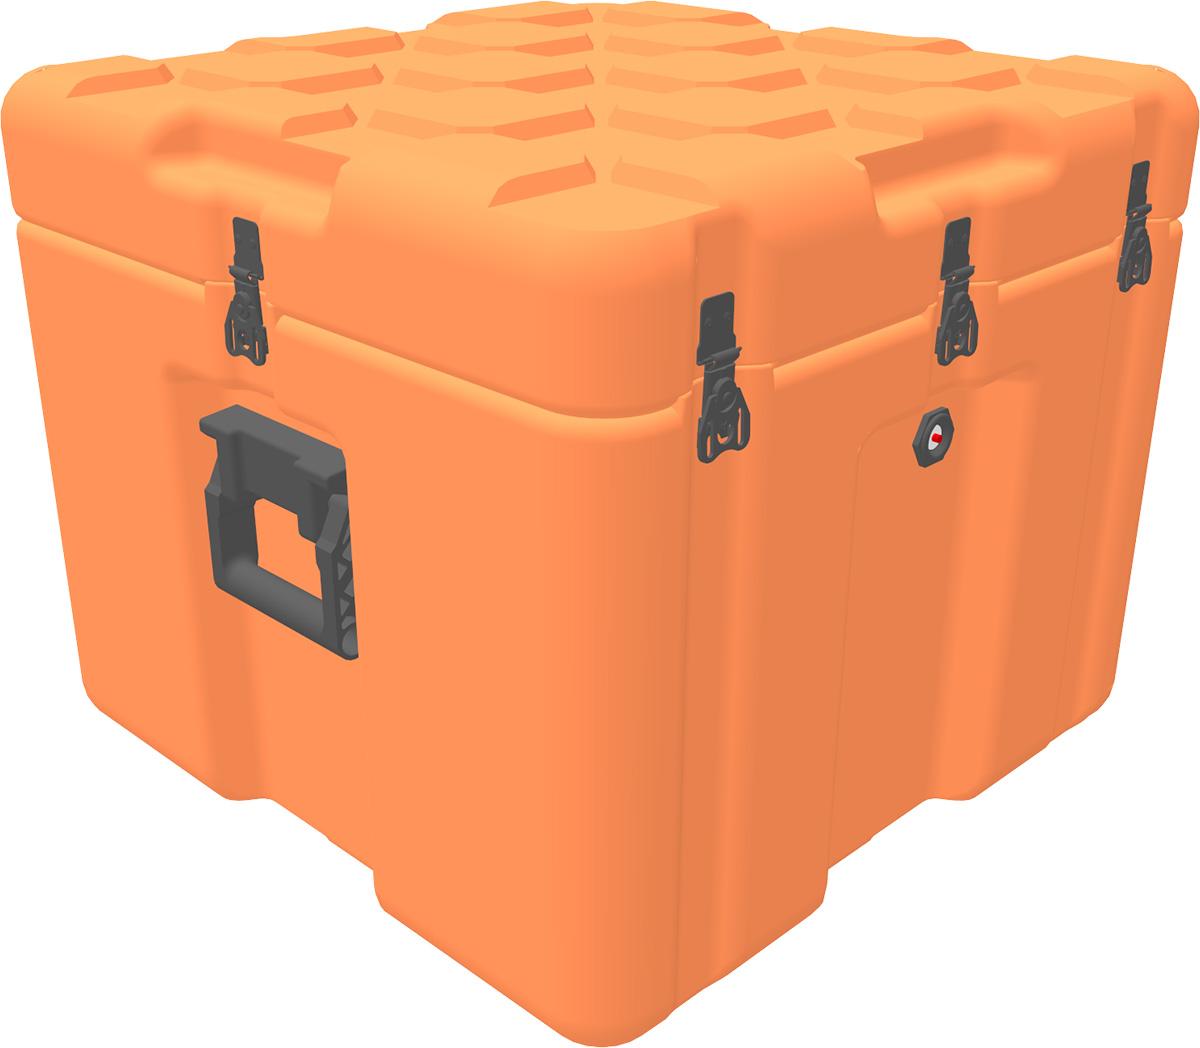 peli eu060060 4010 isp2 shipping case